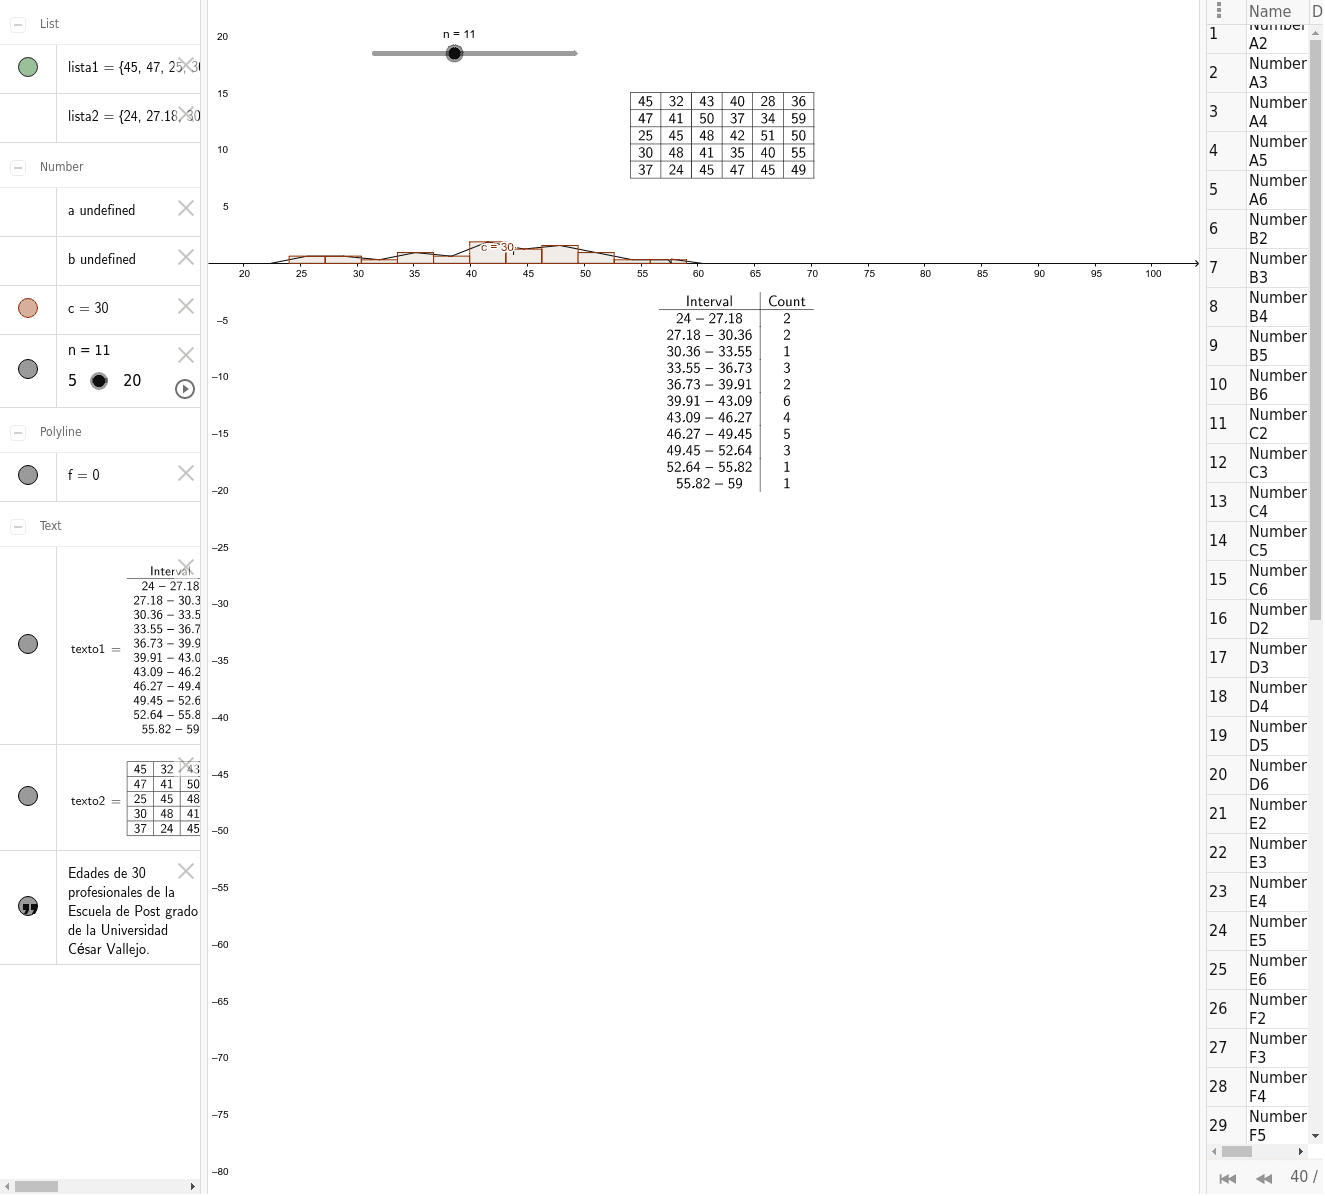 Tabla de Distribucion de frecuencias